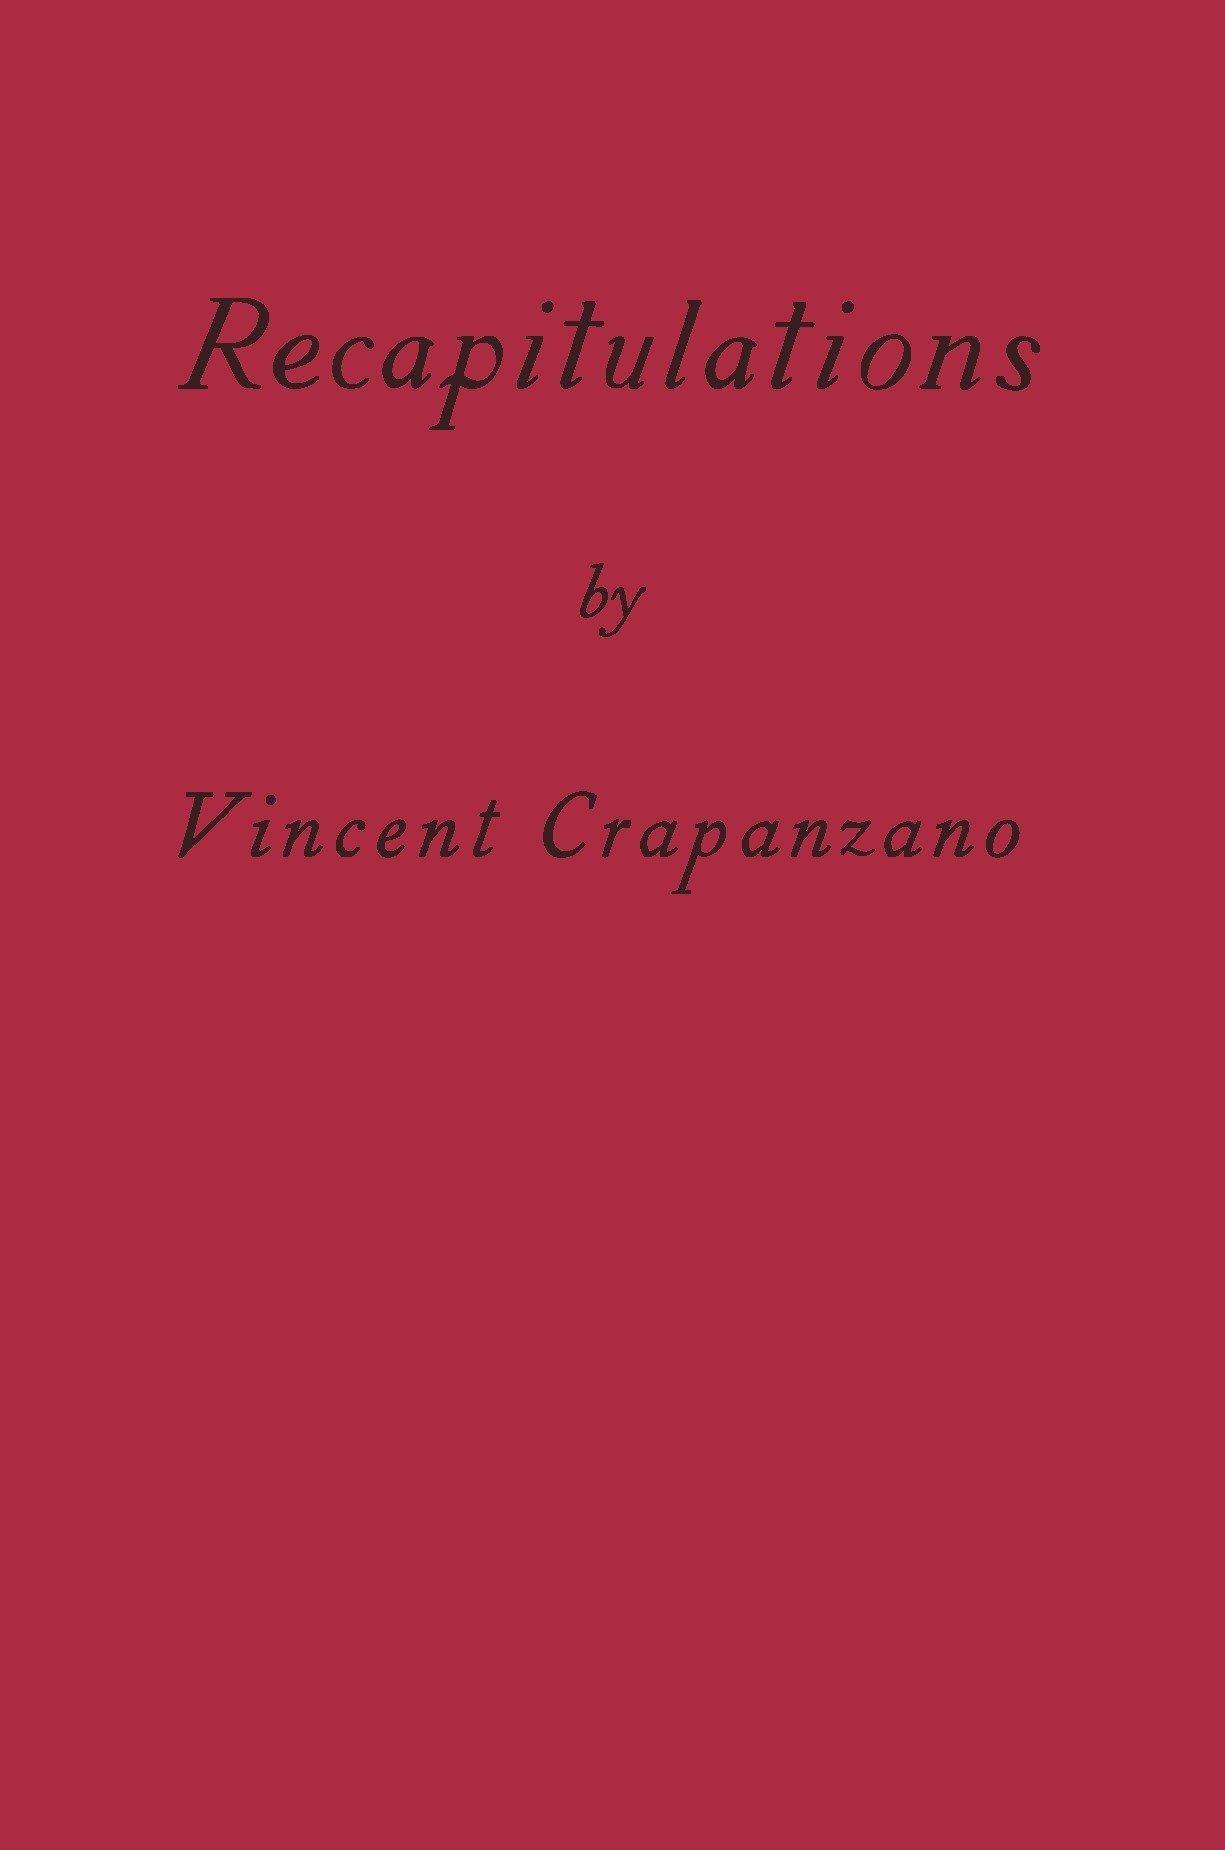 Download Recapitulations PDF